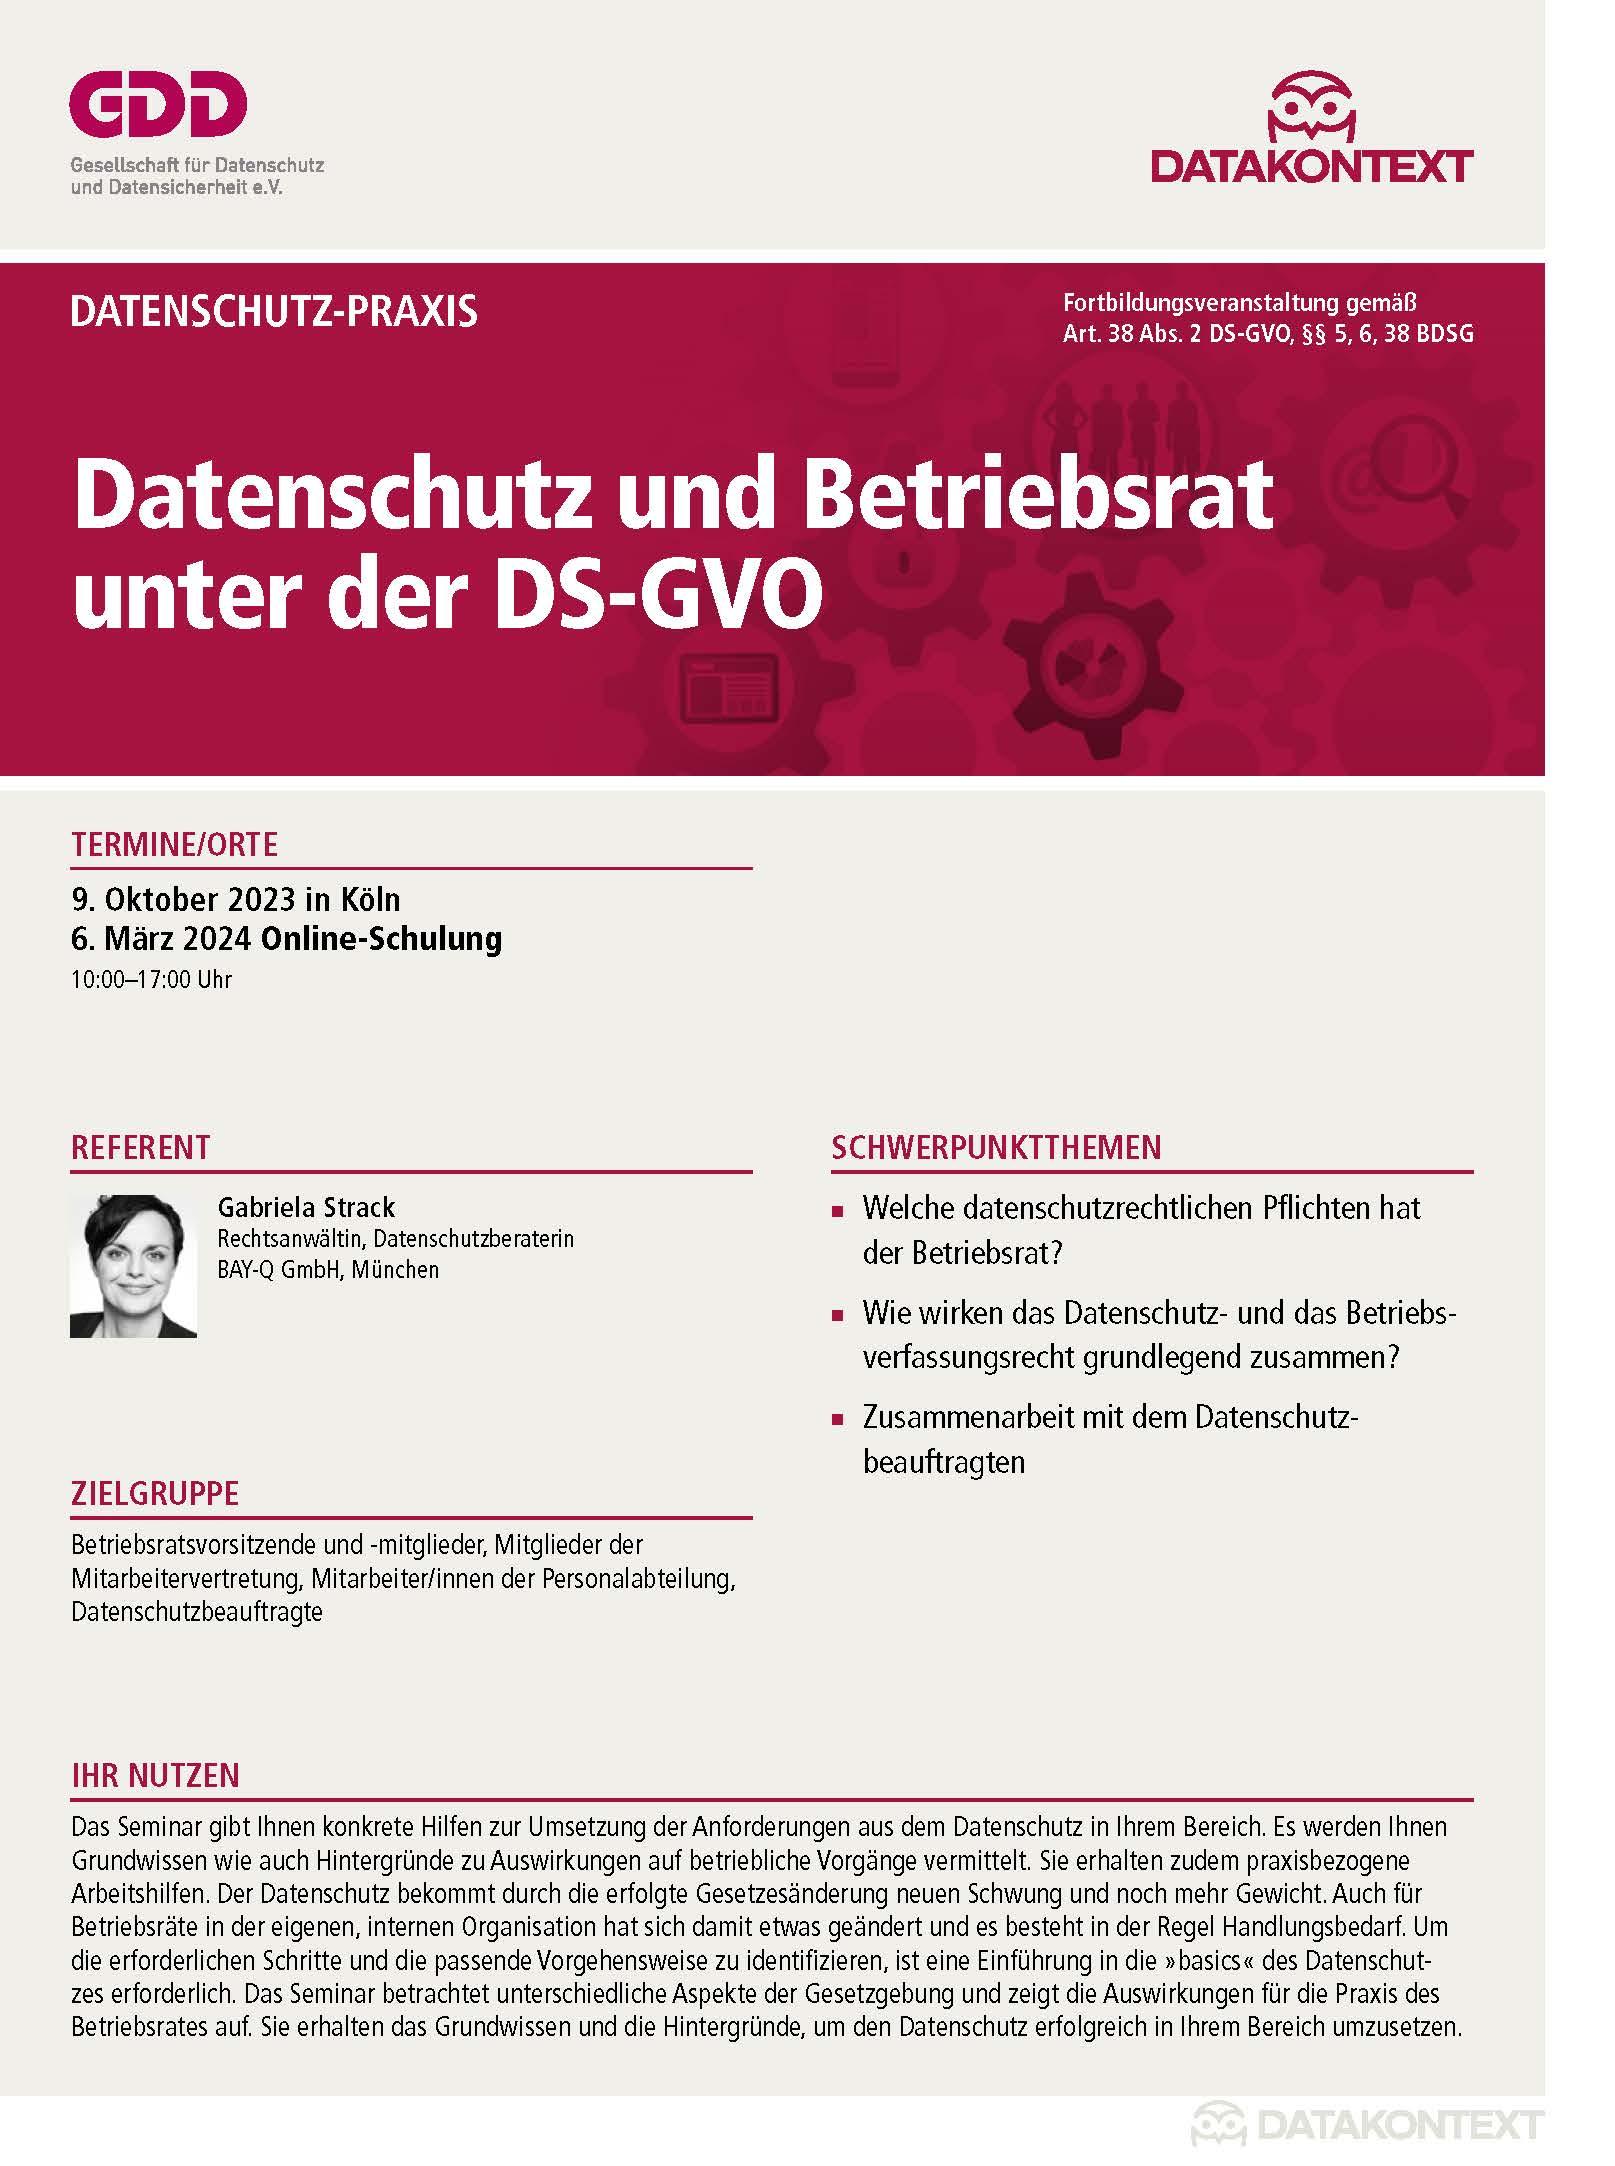 Datenschutz und Betriebsrat unter der DS-GVO